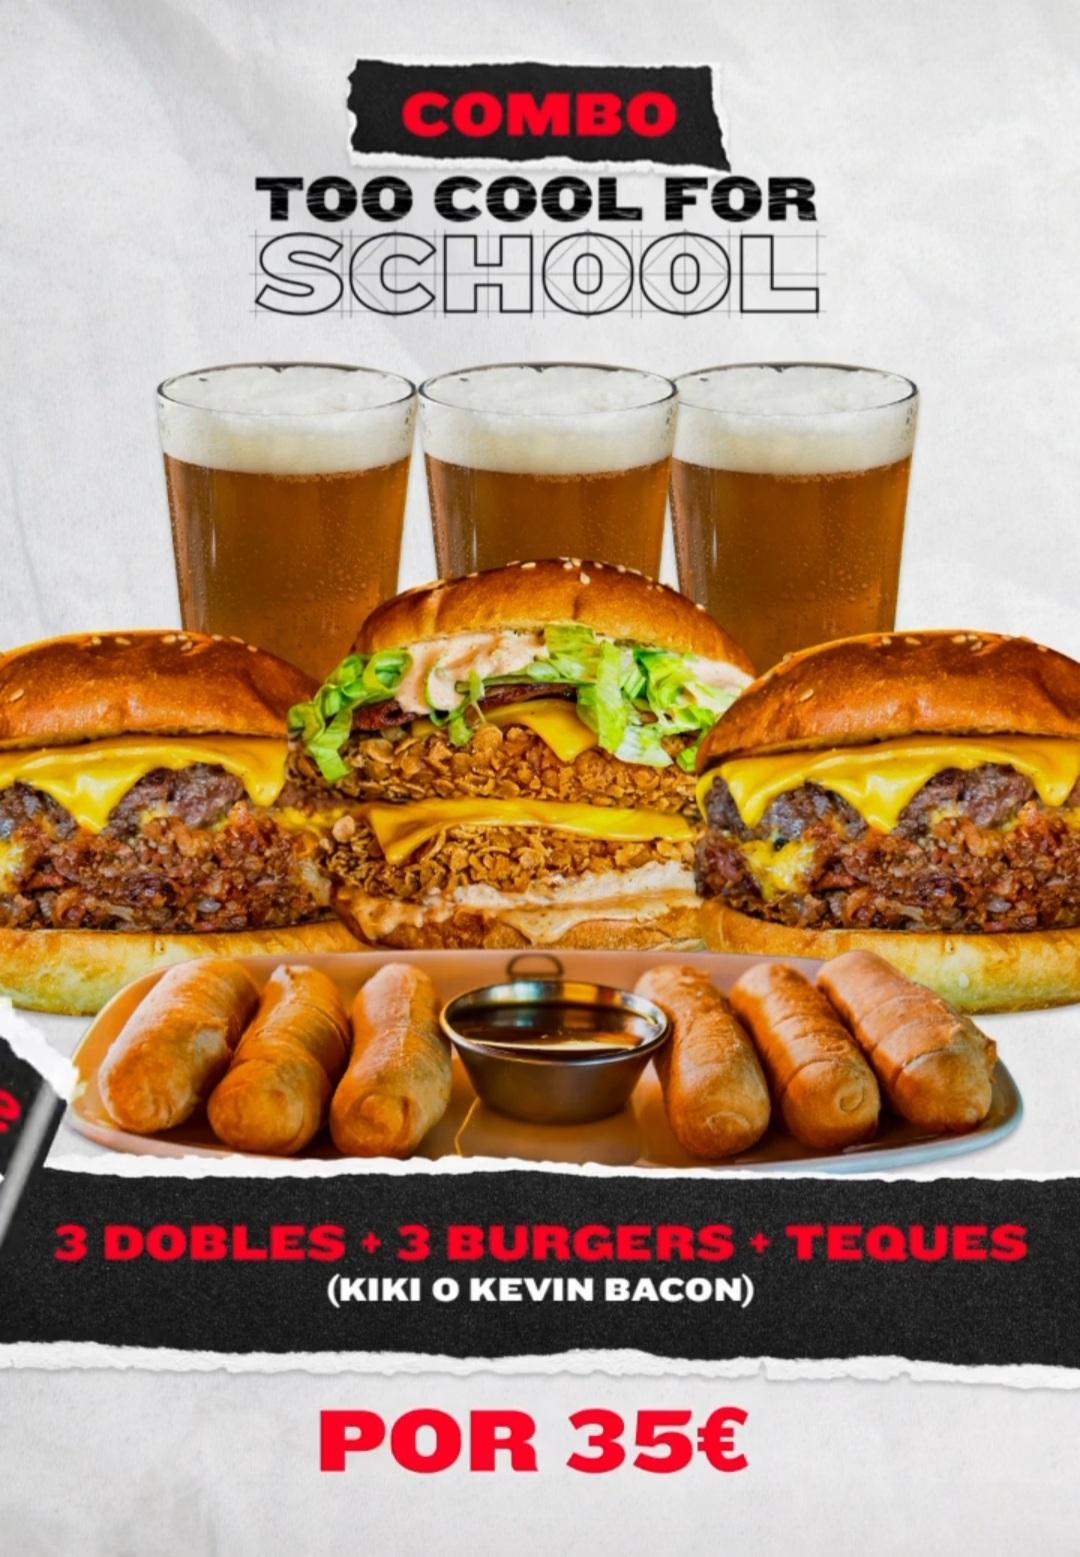 Oferta en Goiko 3 cervezas + 3 hamburguesas y una ración de teques por 35 euros